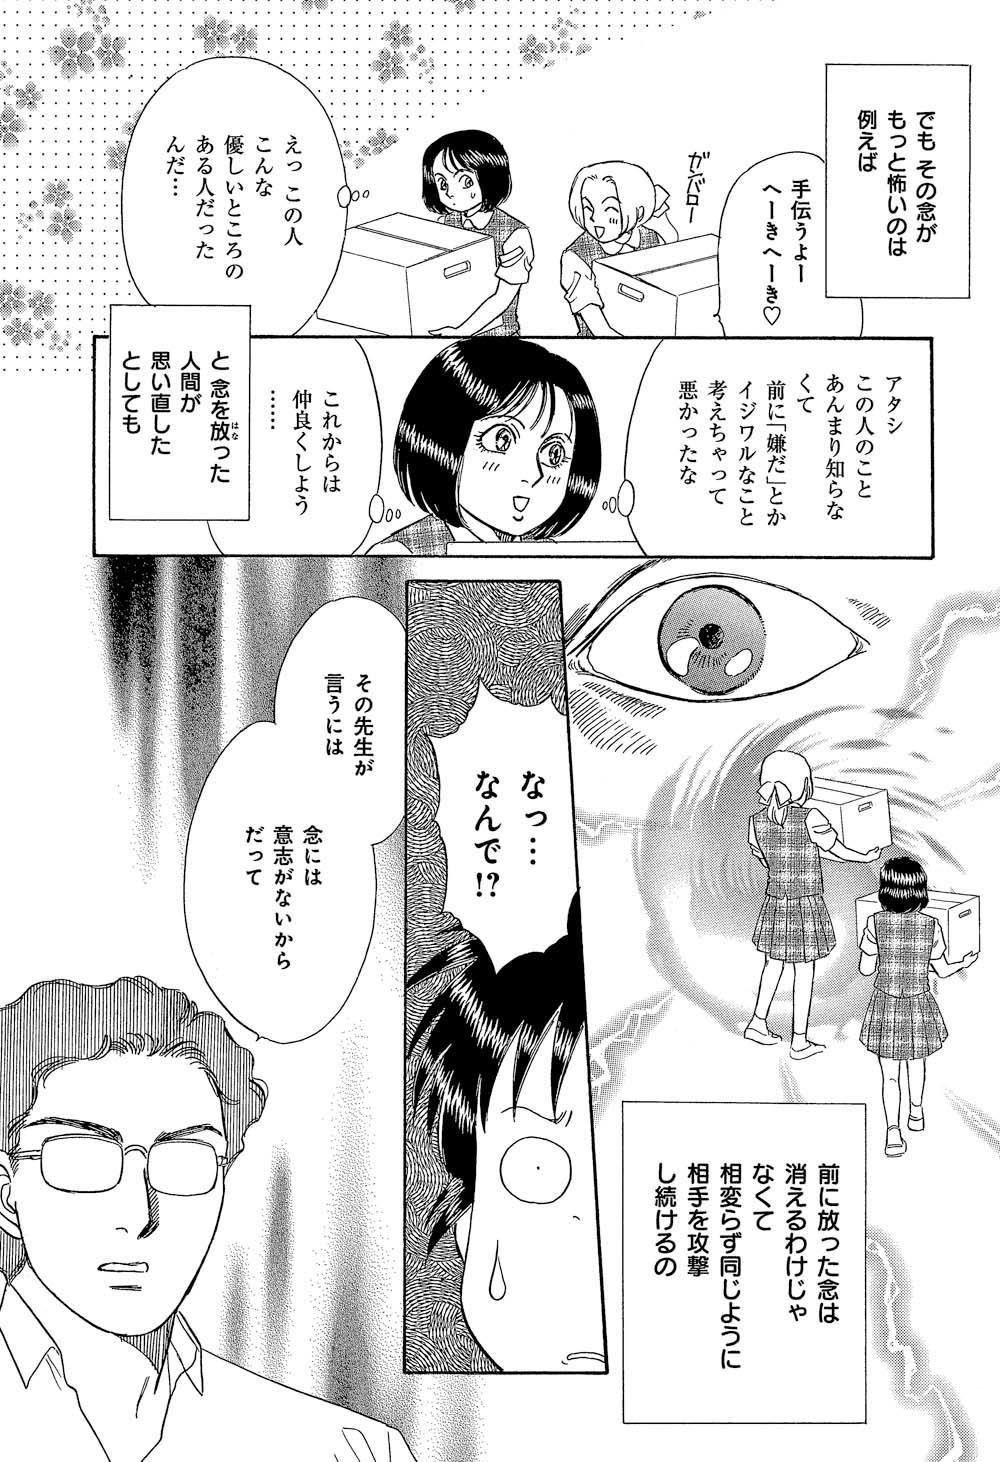 オカルト万華鏡01_089.jpg